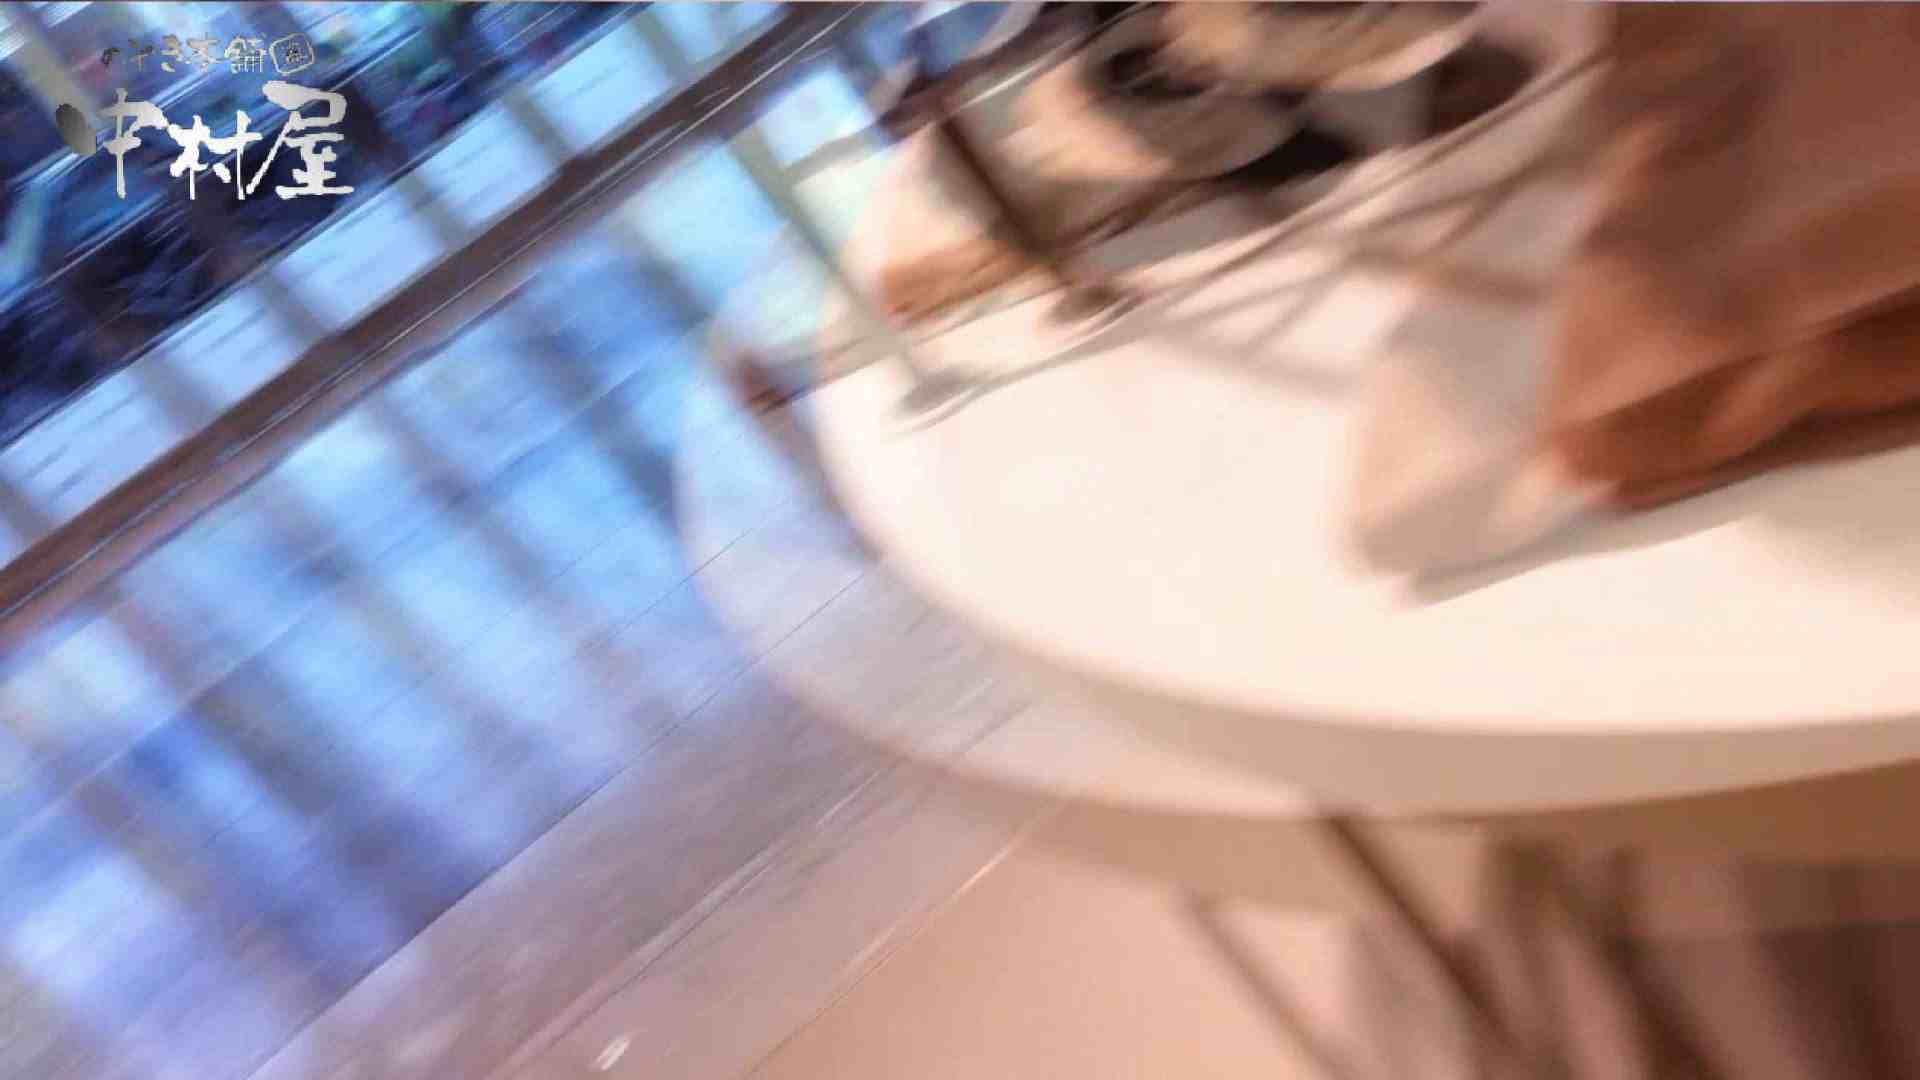 vol.65 美人アパレル胸チラ&パンチラ ムッチリ感がいい感じ花がらパンツさん チラ | 胸チラ  95PIX 89